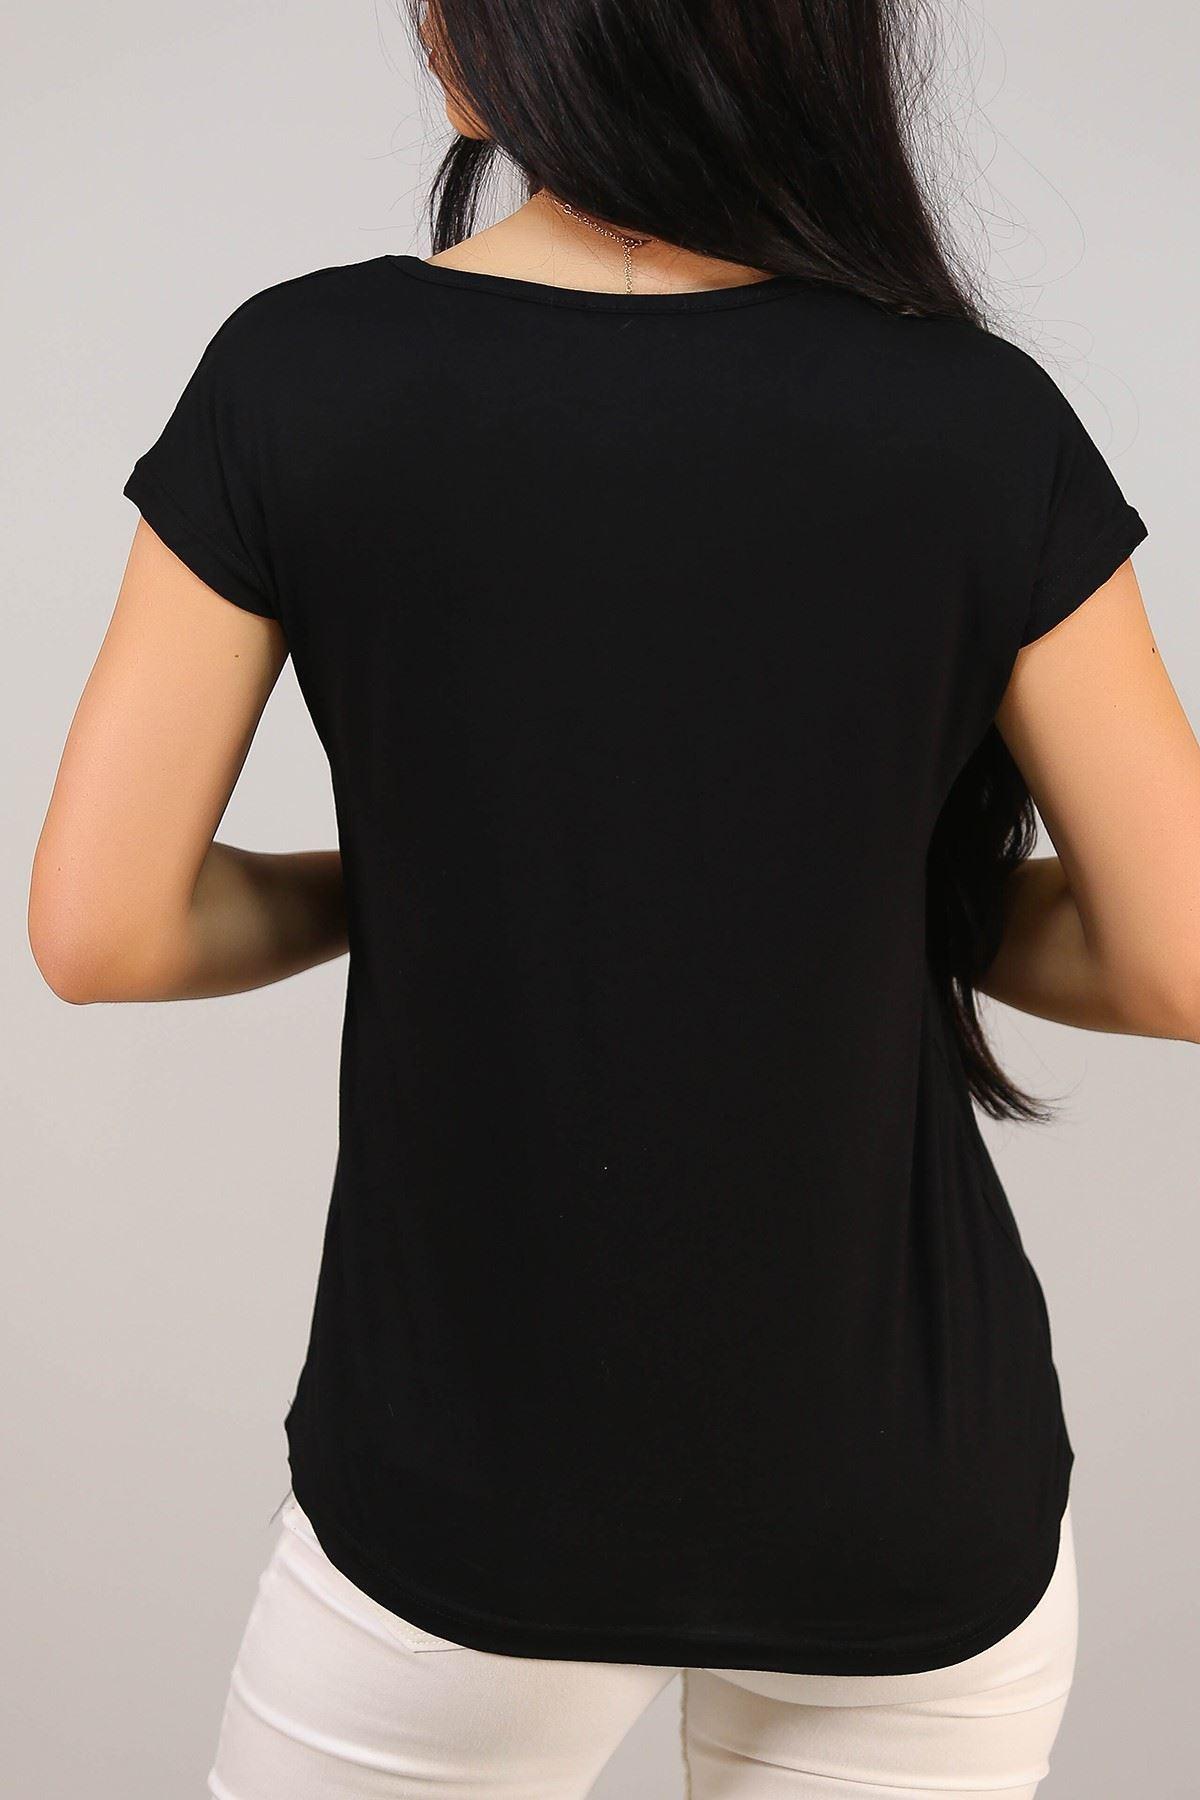 Love Baskılı Tişört Siyah - 5043.139.